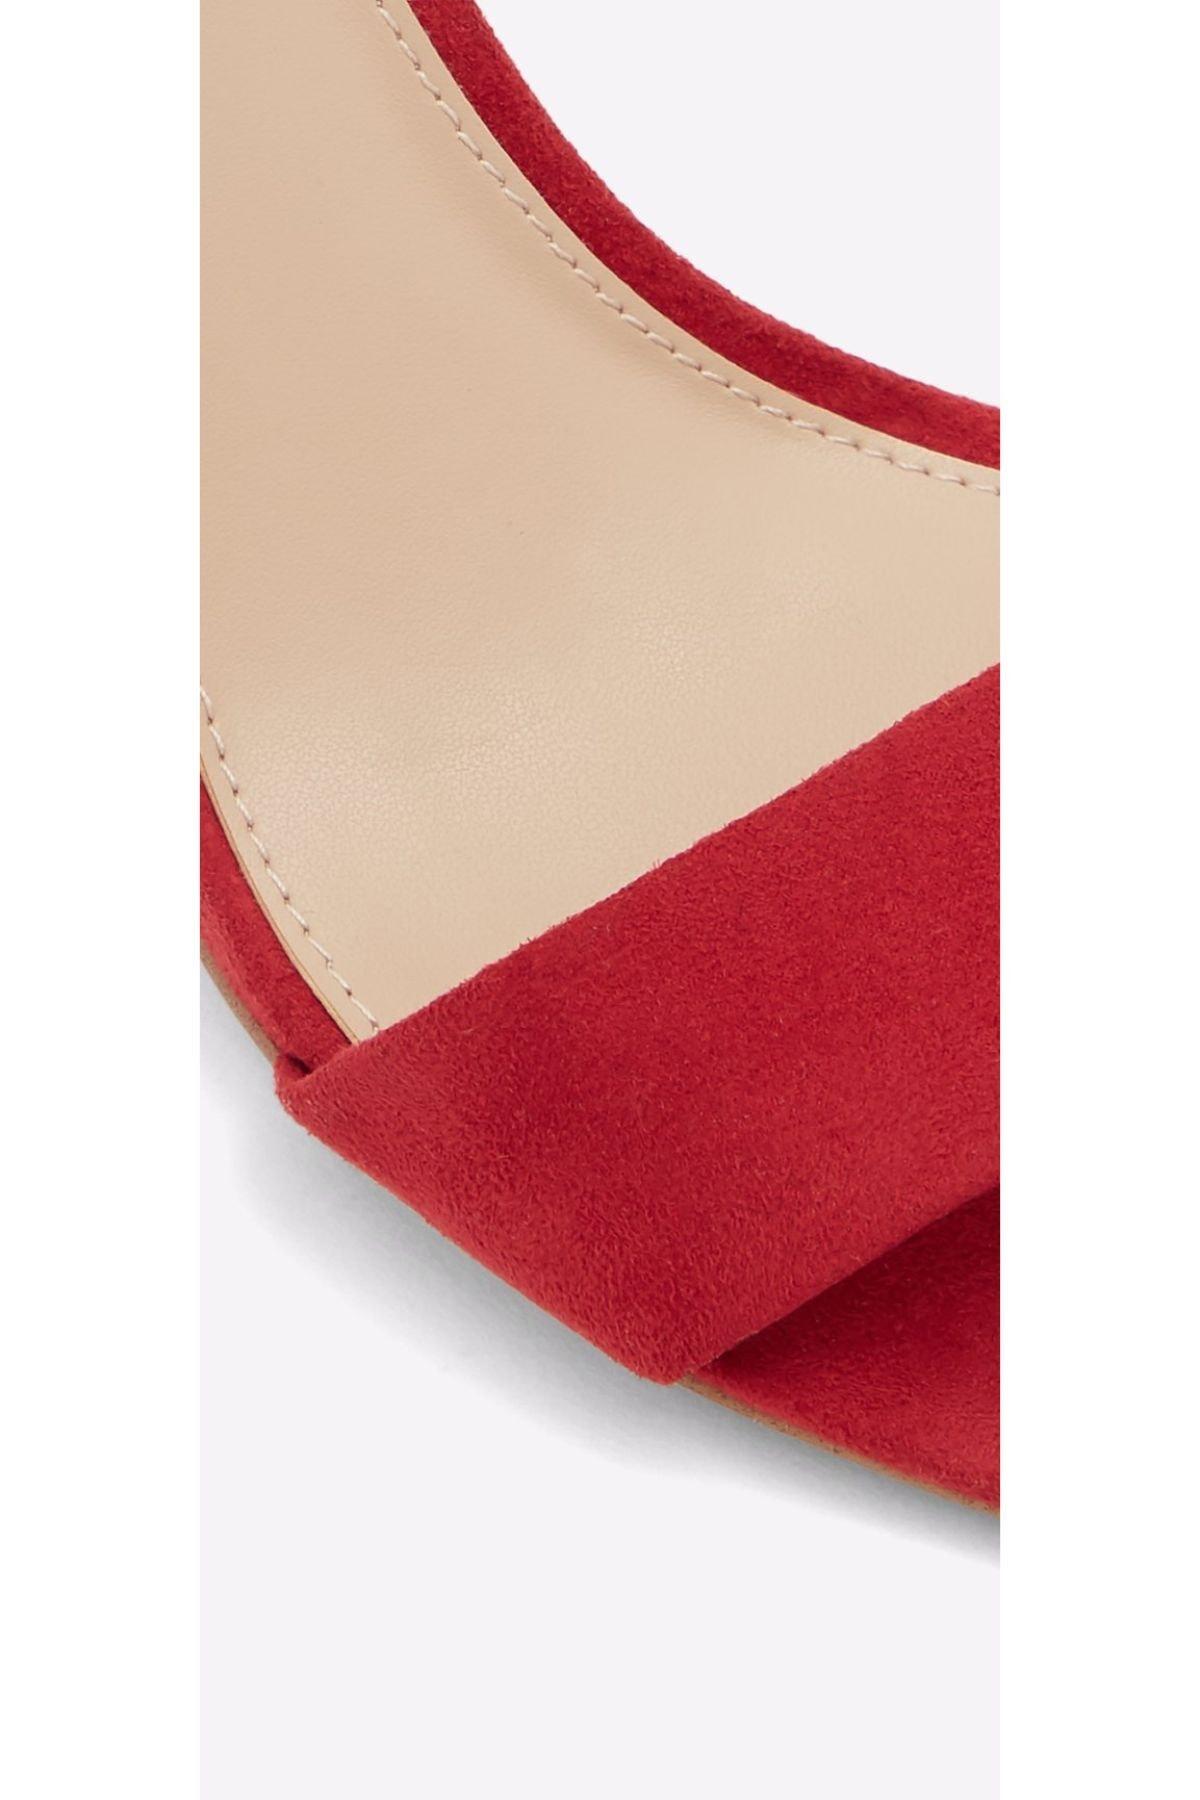 Aldo ABOEDIA - Kırmızı Kadın Topuklu Sandalet 2